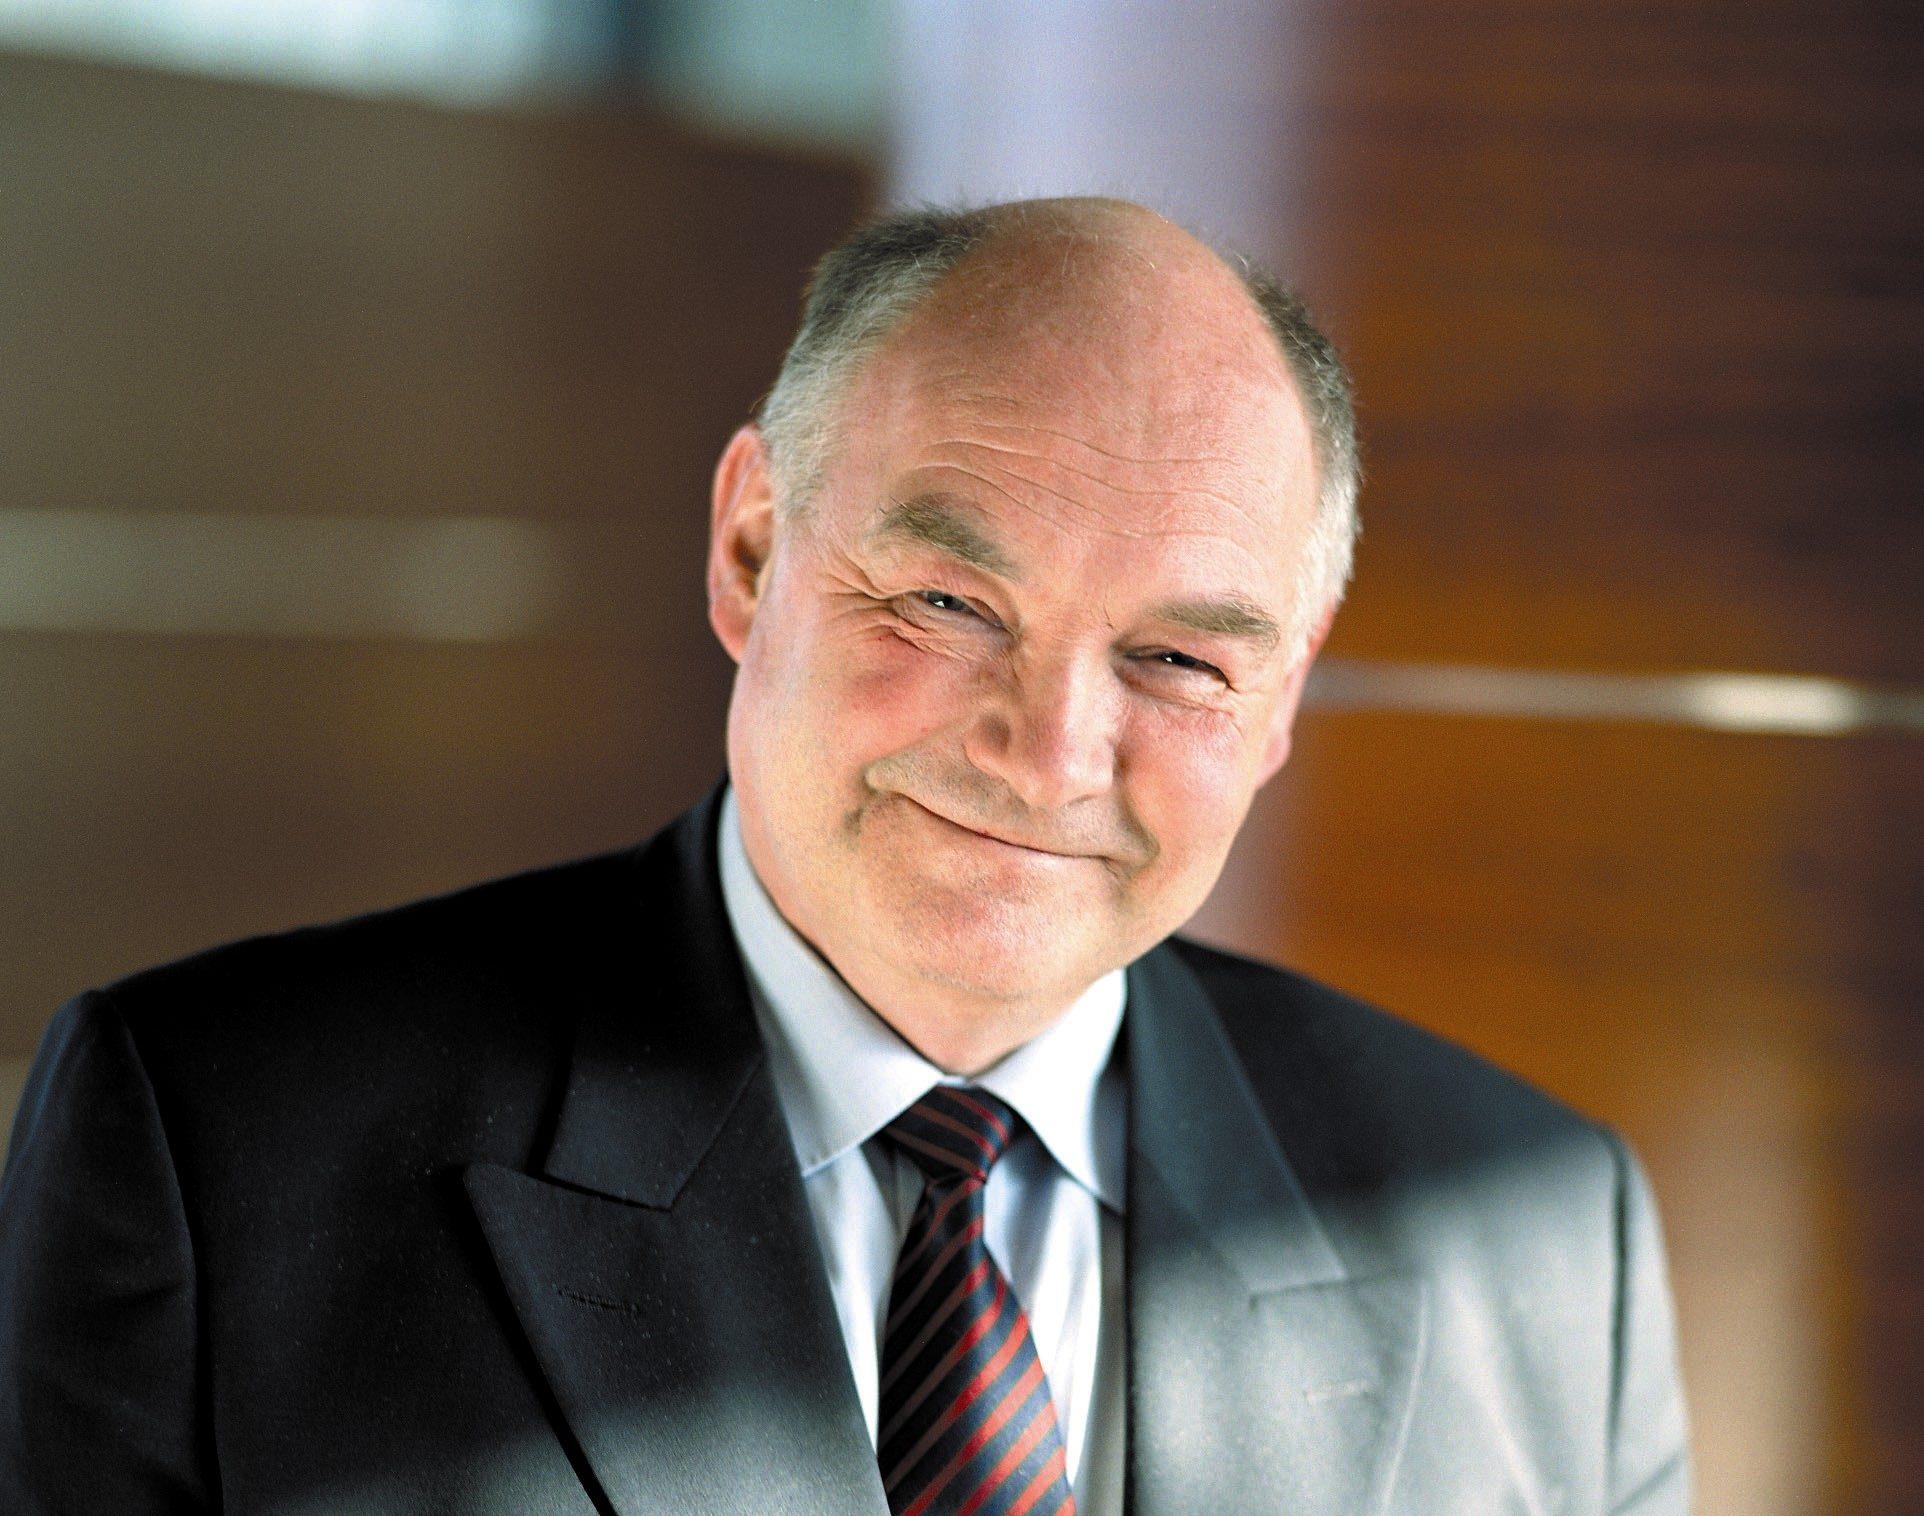 Niels Boserup, administrerende direktør for Københavns Lufthavn mellem 1991 og 2007, er død i en alder af 77 år. Arkivfoto: Københavns Lufthavn.